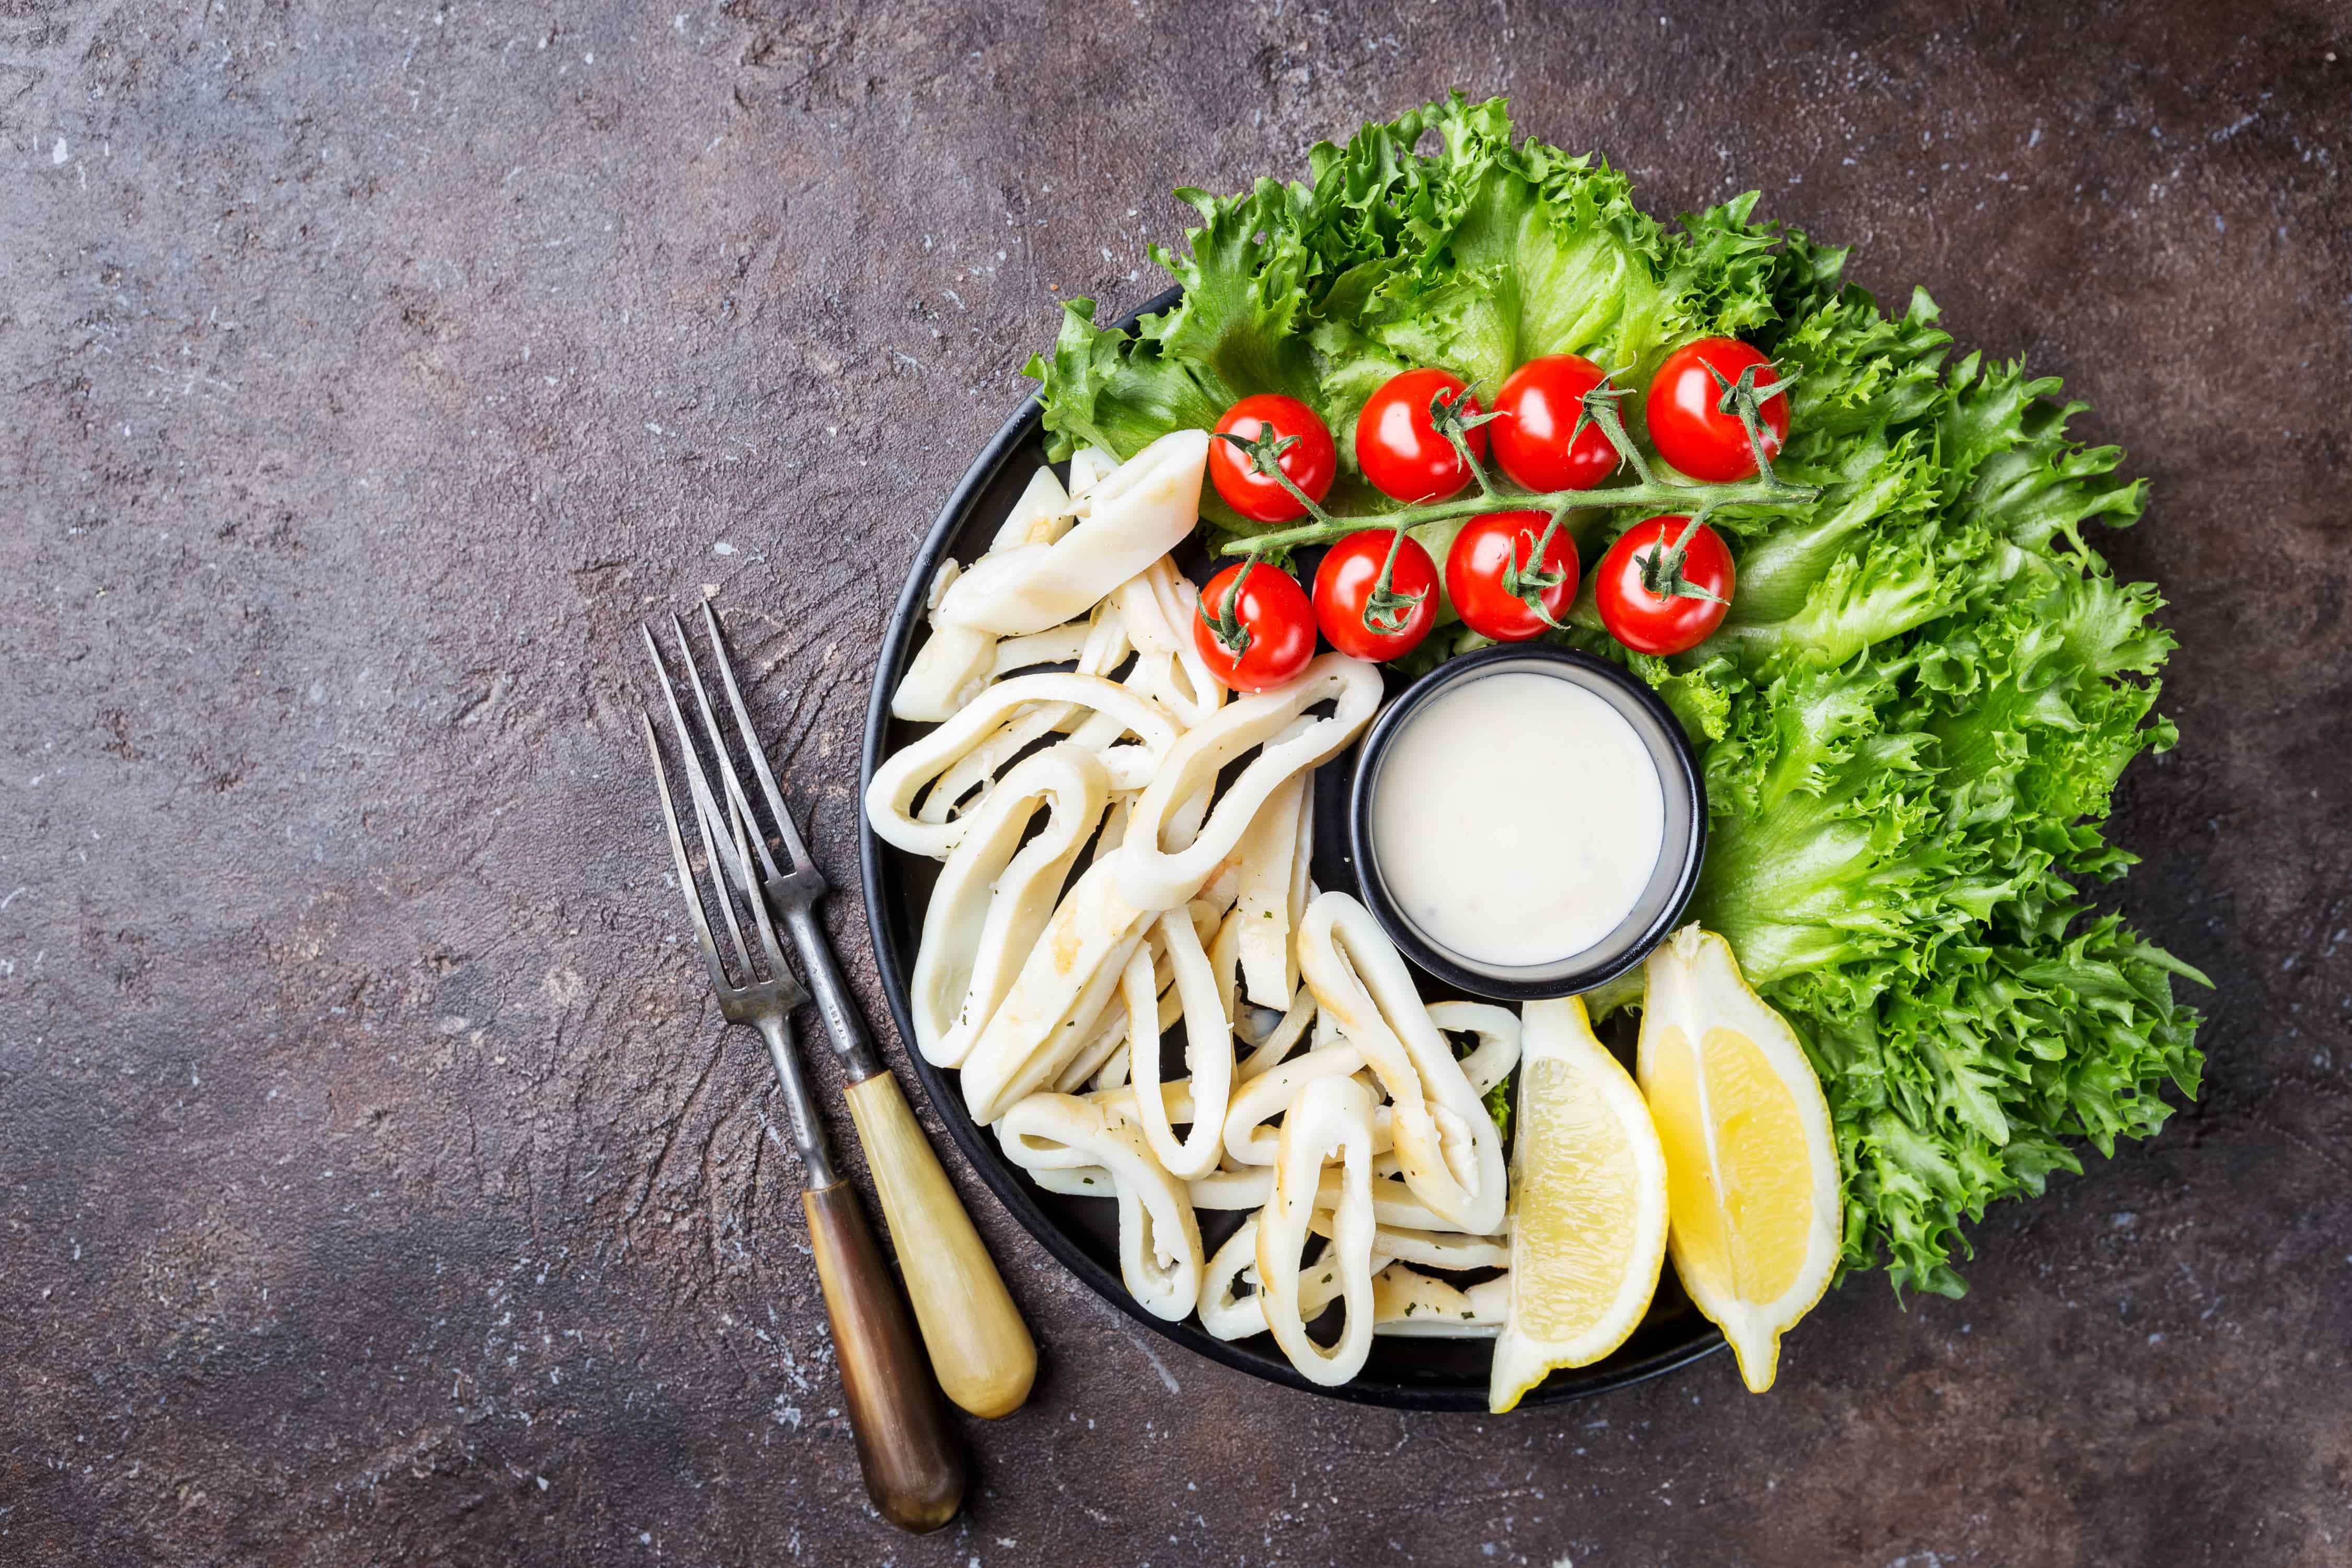 Диетические салаты с кальмарами. Наиболее популярные рецепты